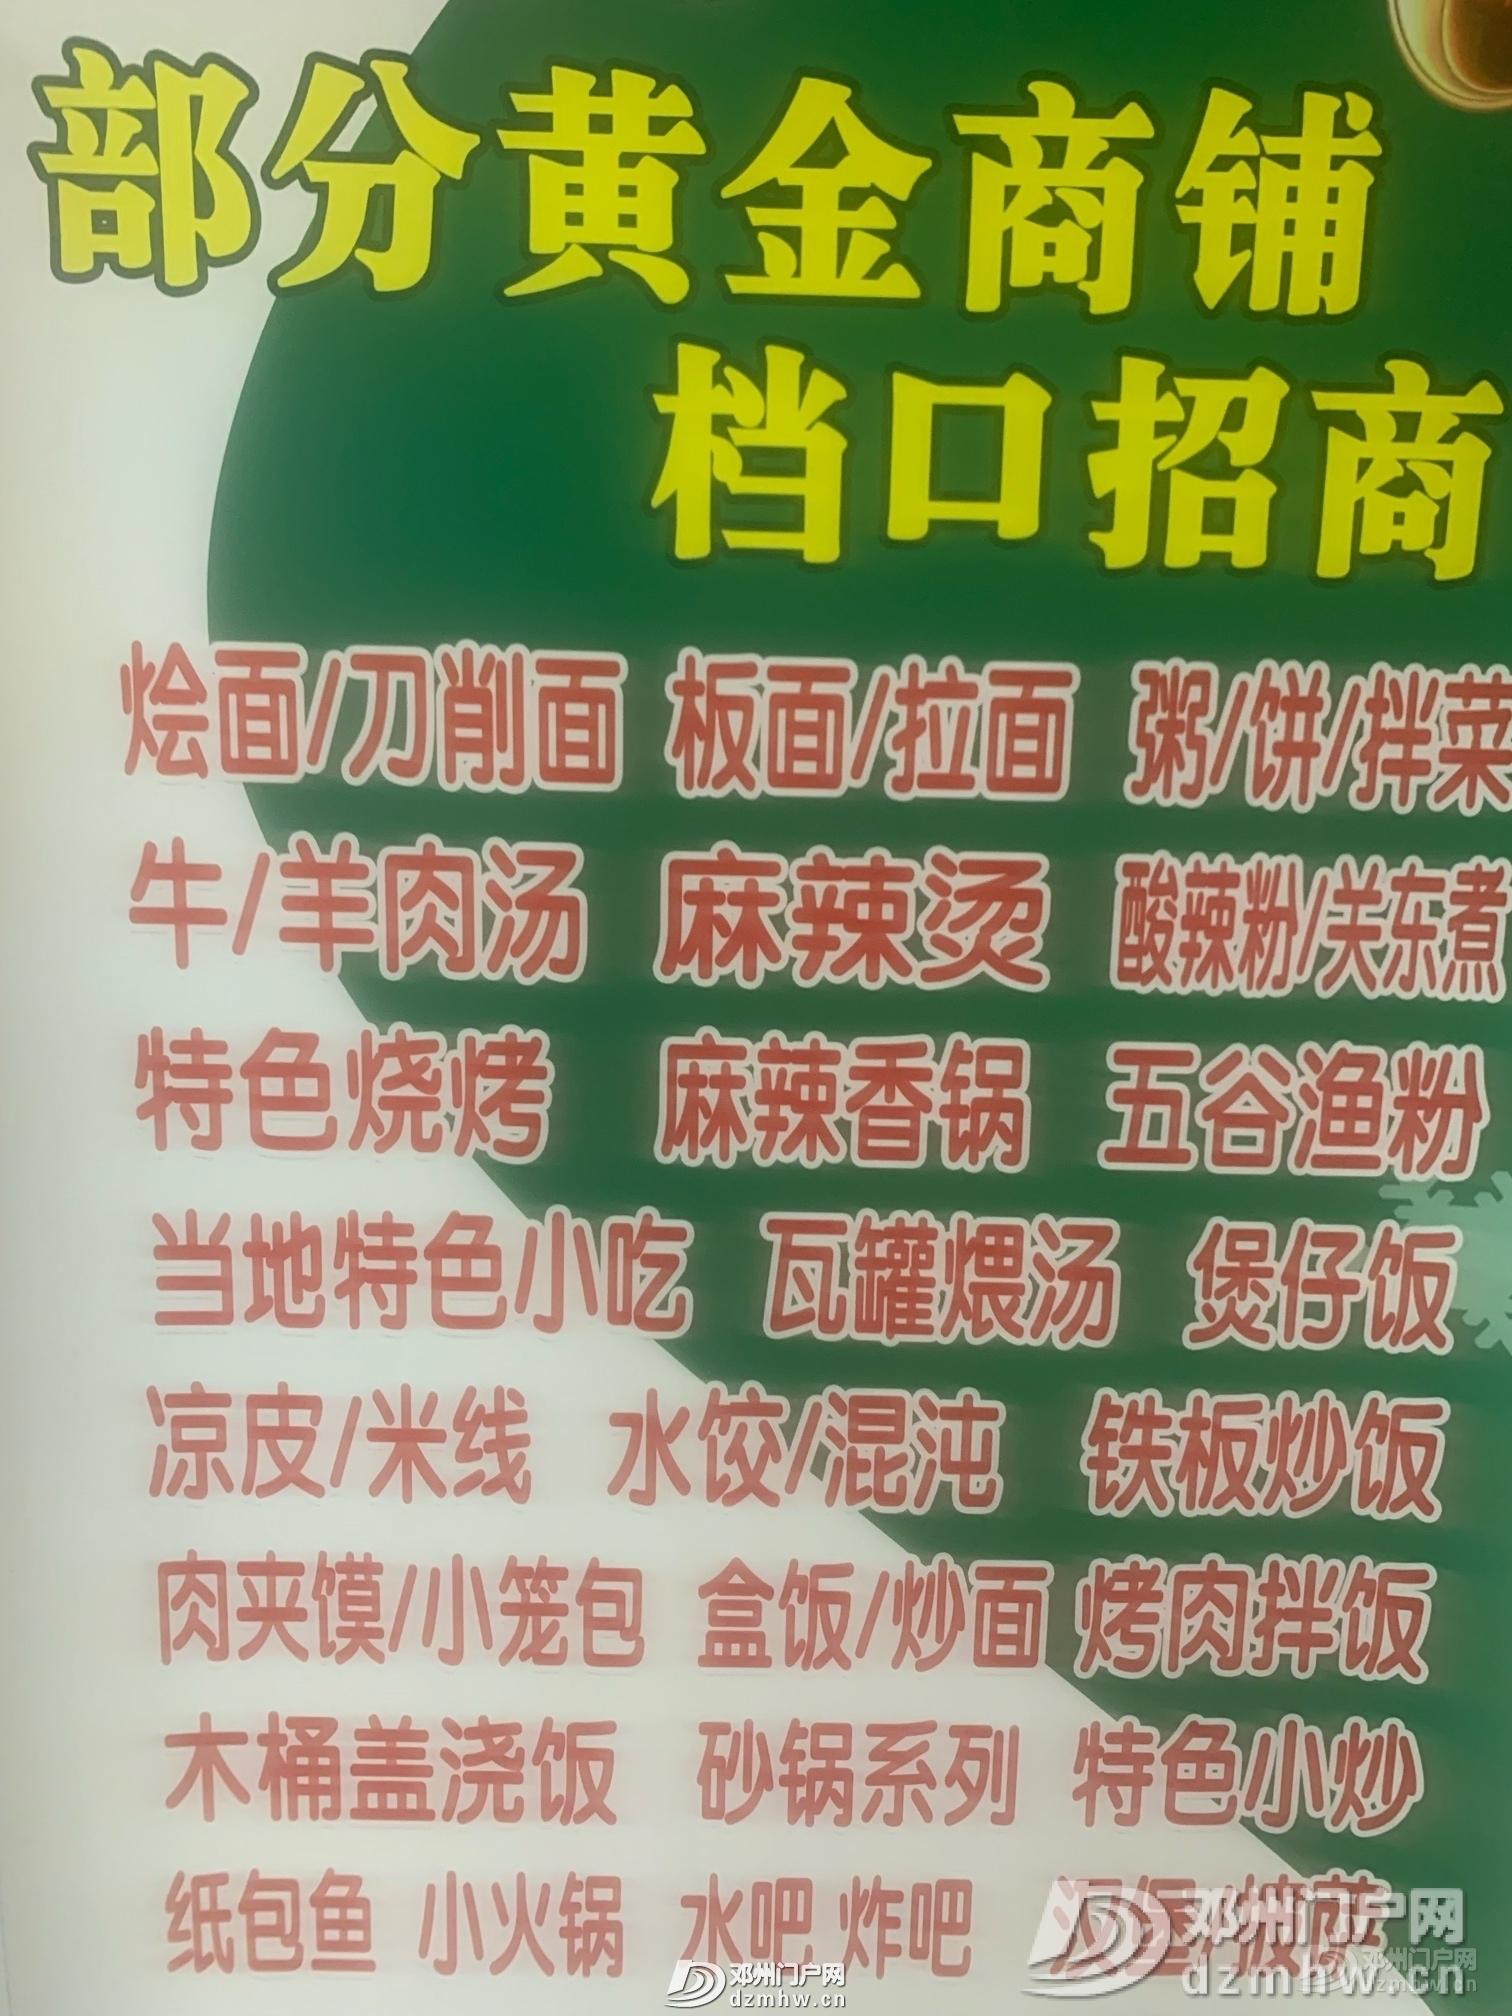 把握商业脉,抢占财富先机,黄金档 - 邓州门户网|邓州网 - 20